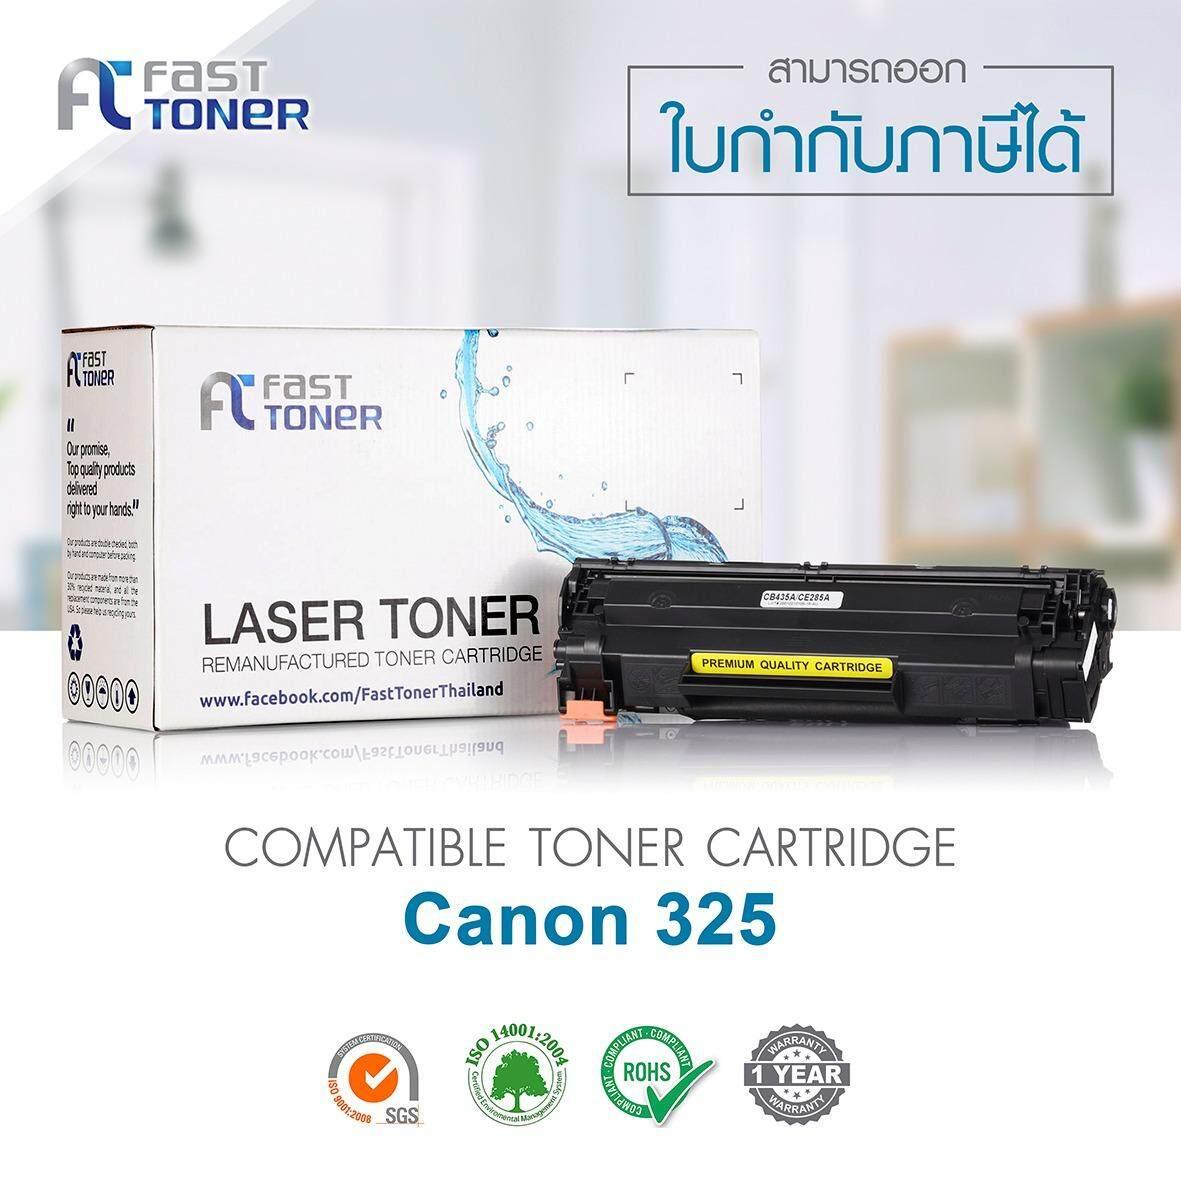 ซื้อ Fast Toner ตลับหมึกเลเซอร์ Canon 325 Bk ใช้สำหรับรุ่นเครื่องCanon Lbp6000 Lbp6030 Lbp6230D ถูก